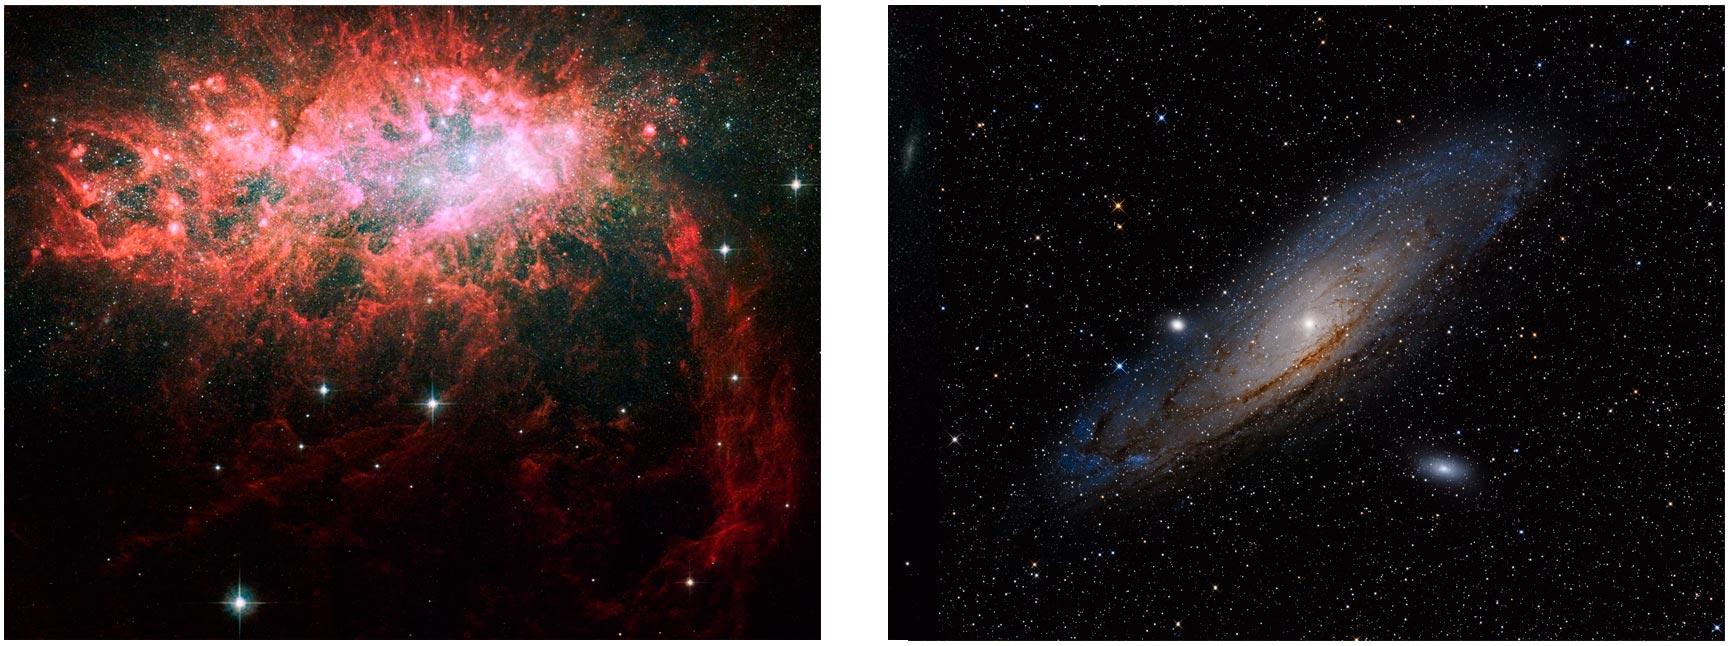 Слева неправильная галактика NGC 1569, а справа спиральная M31